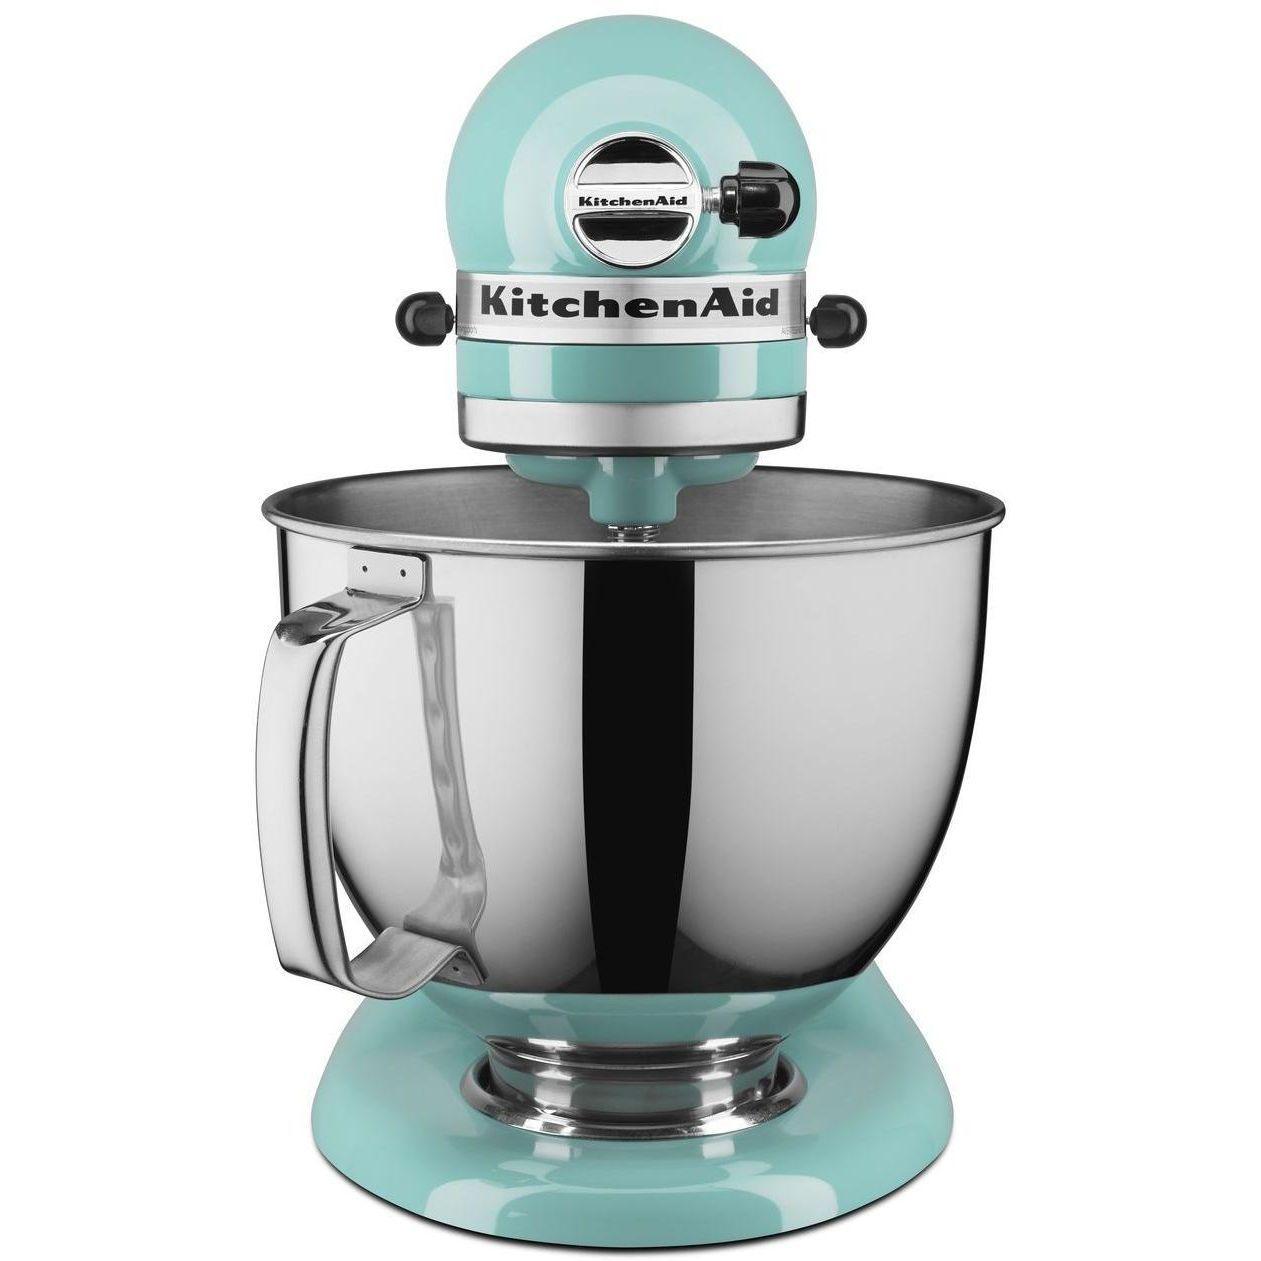 Aqua sky kitchenaid artisan mixer kitchenaid artisan